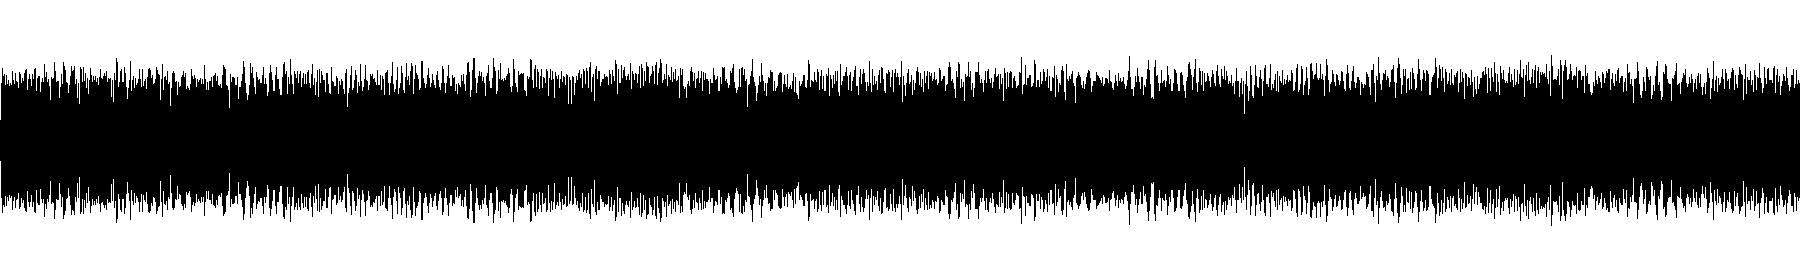 100 d ficusscuares sp 01